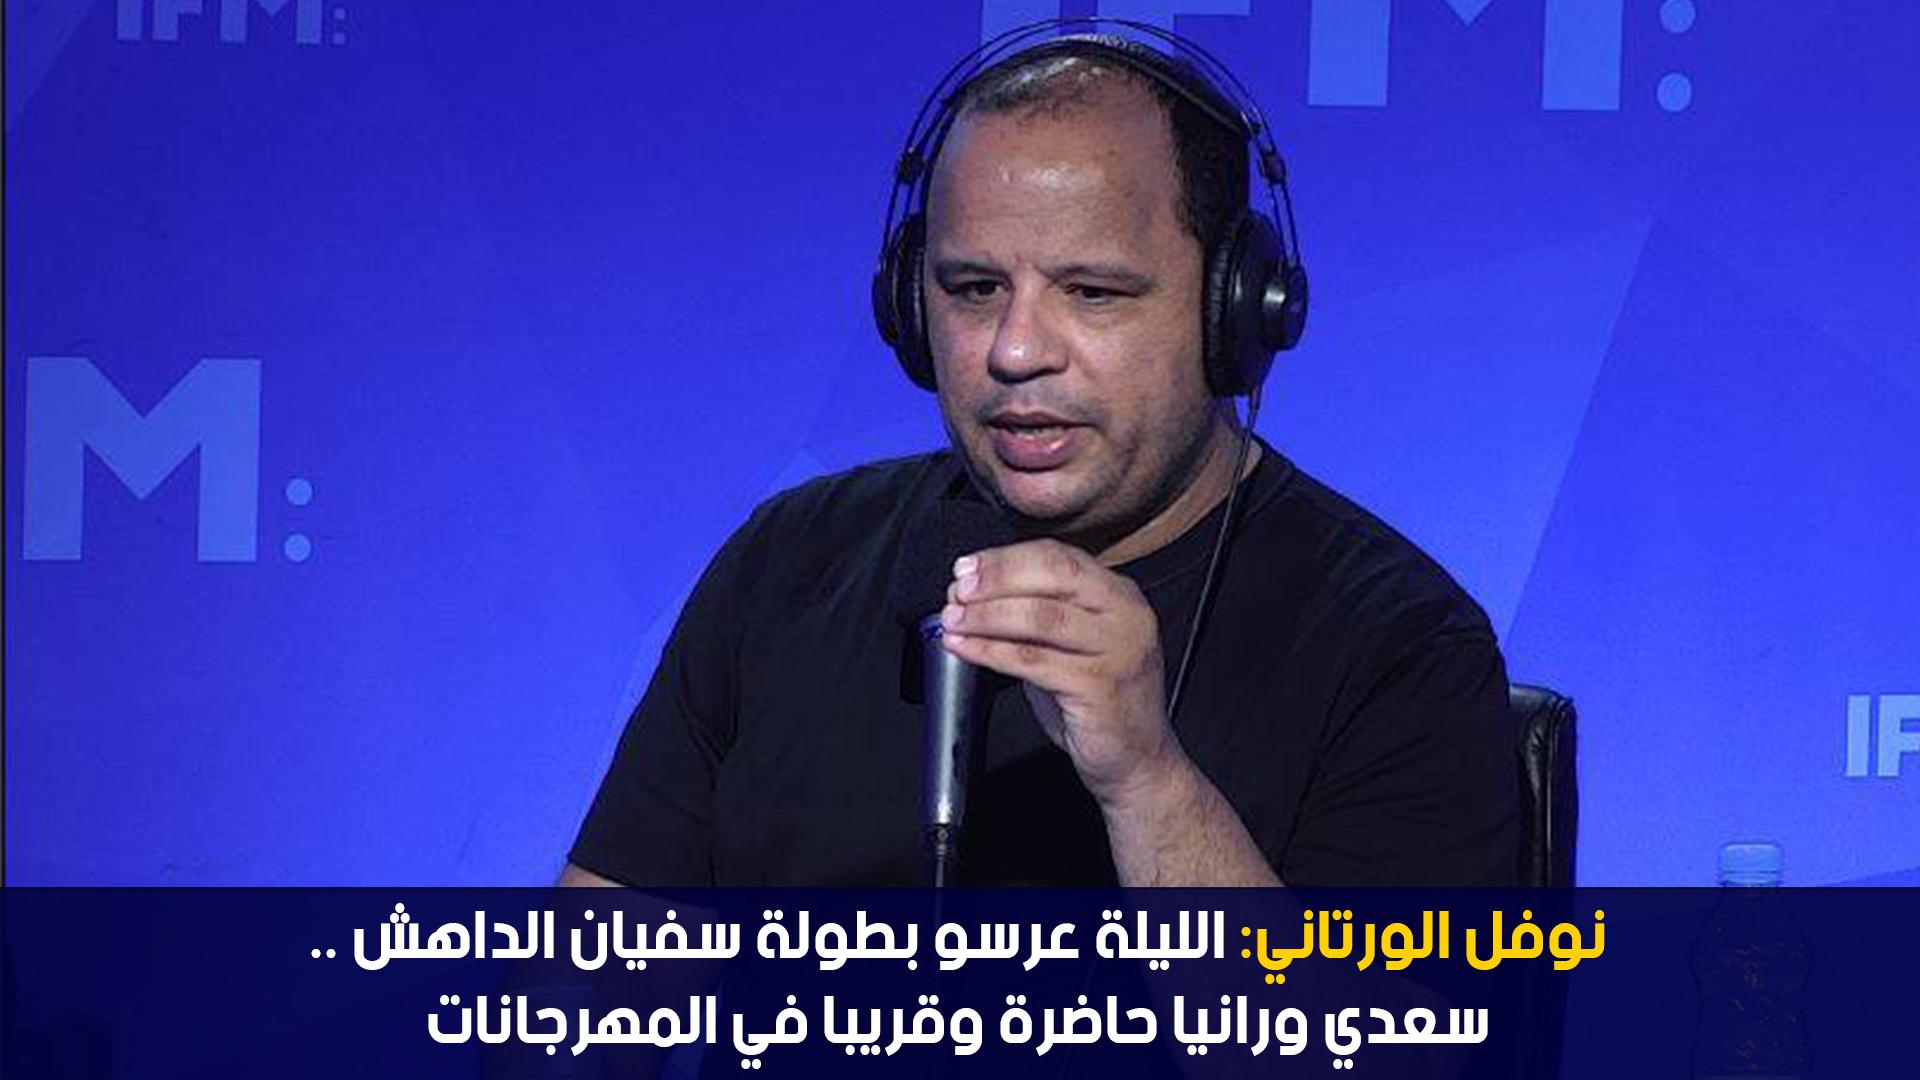 نوفل الورتاني:الليلة عرسو بطولة سفيان الداهش ..سعدي ورانيا حاضرة وقريبا في المهرجانات